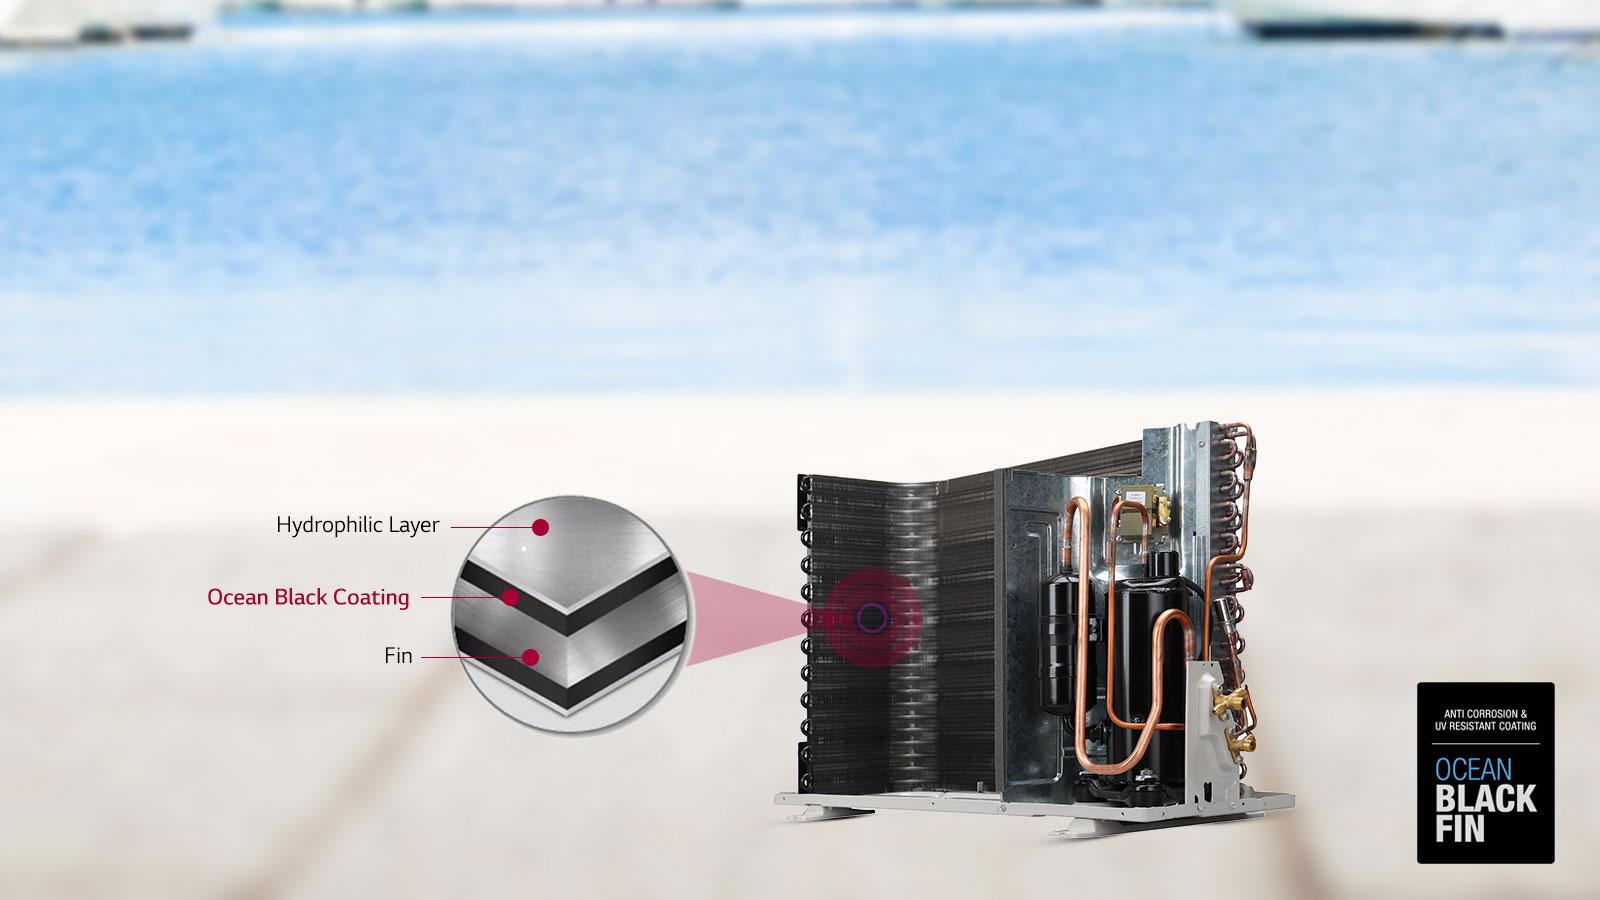 LG LS-Q18GNYA Ocean Black Fin